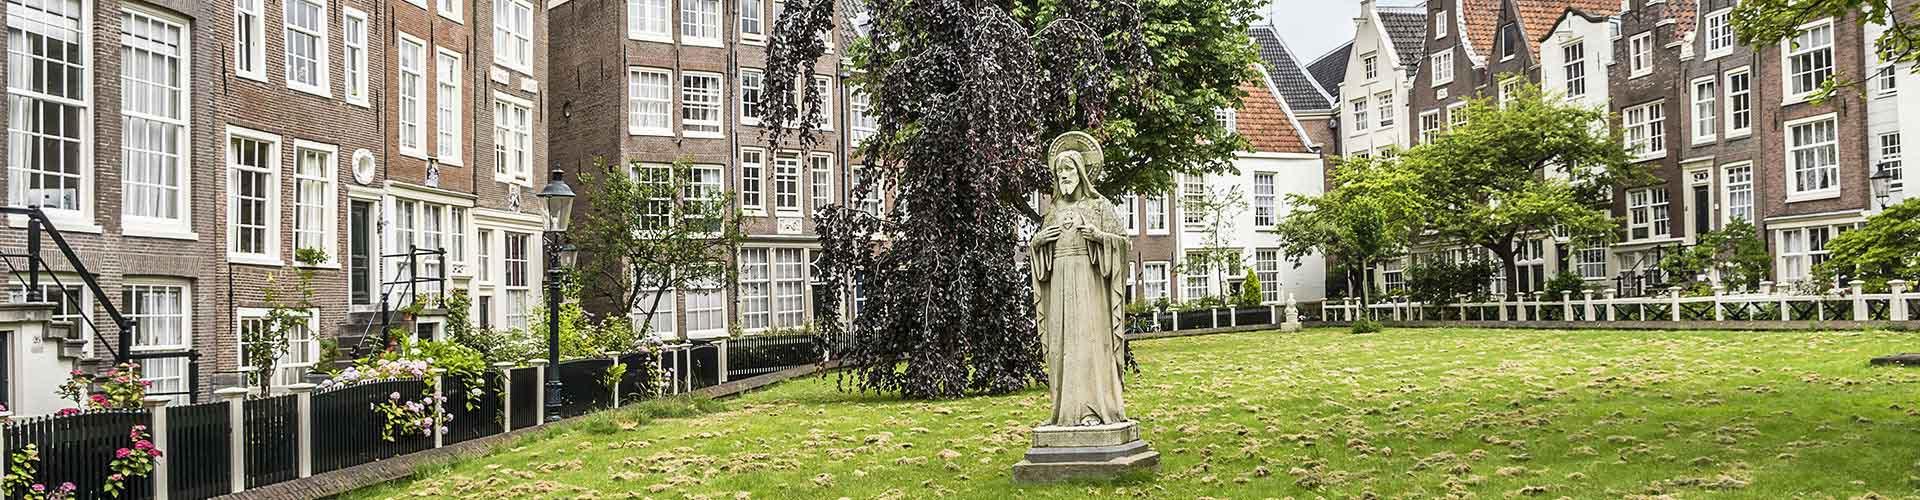 암스테르담 - 브뤼나쥐 (수녀원)와 가까운 호스텔. 암스테르담의 지도, 암스테르담에 위치한 호스텔 사진 및 후기 정보.